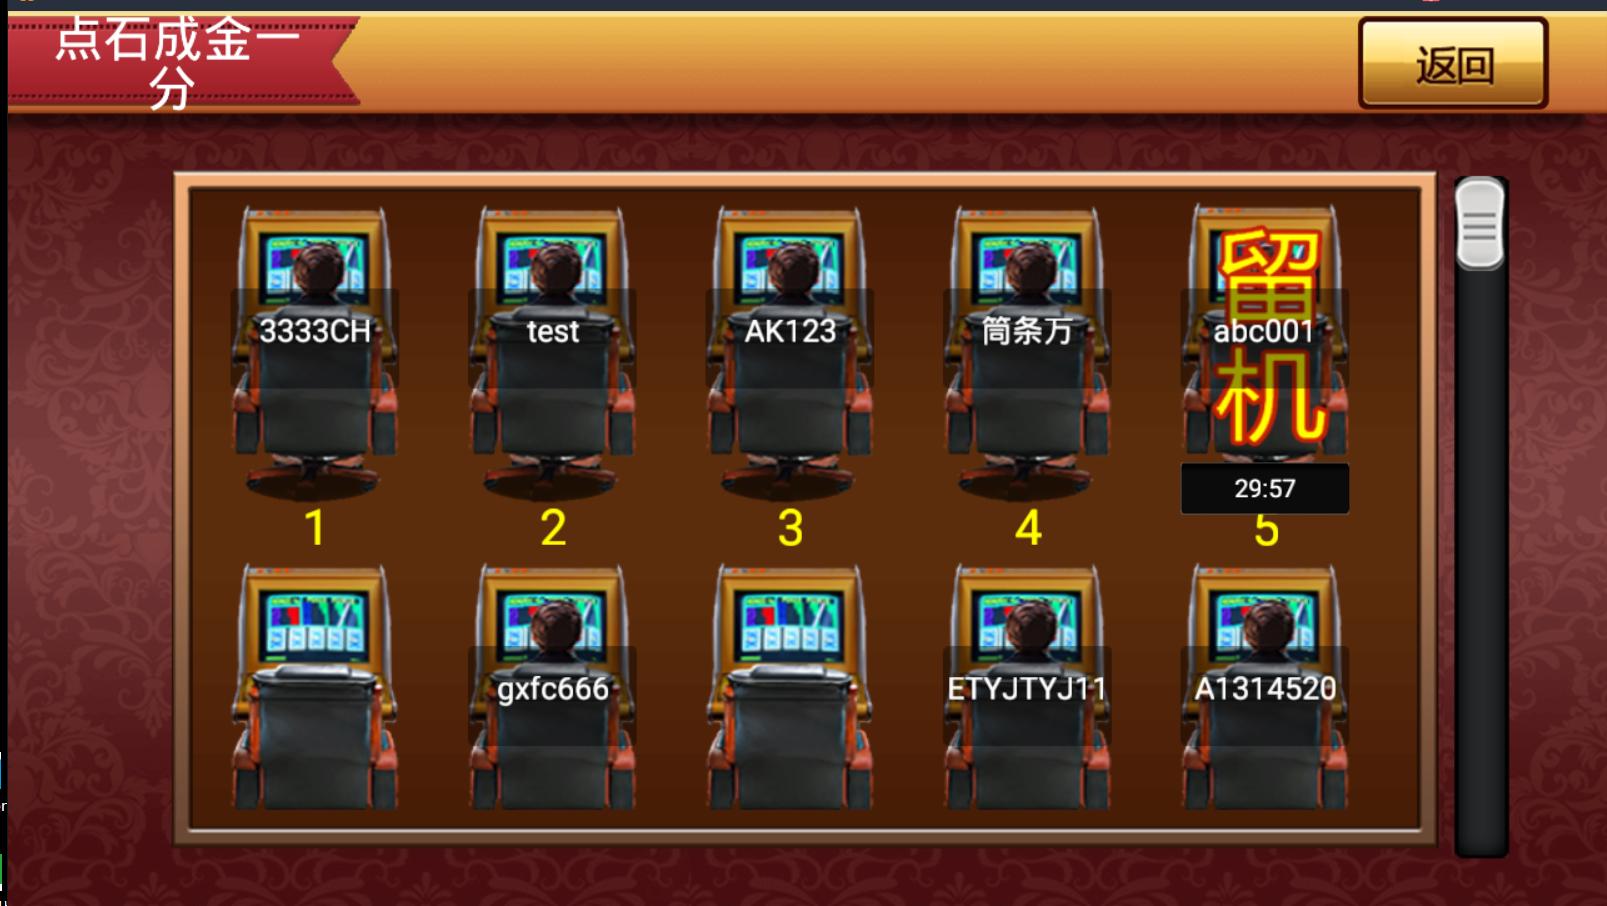 单款ATT翻牌机-JAVA版本运营级插图(8)